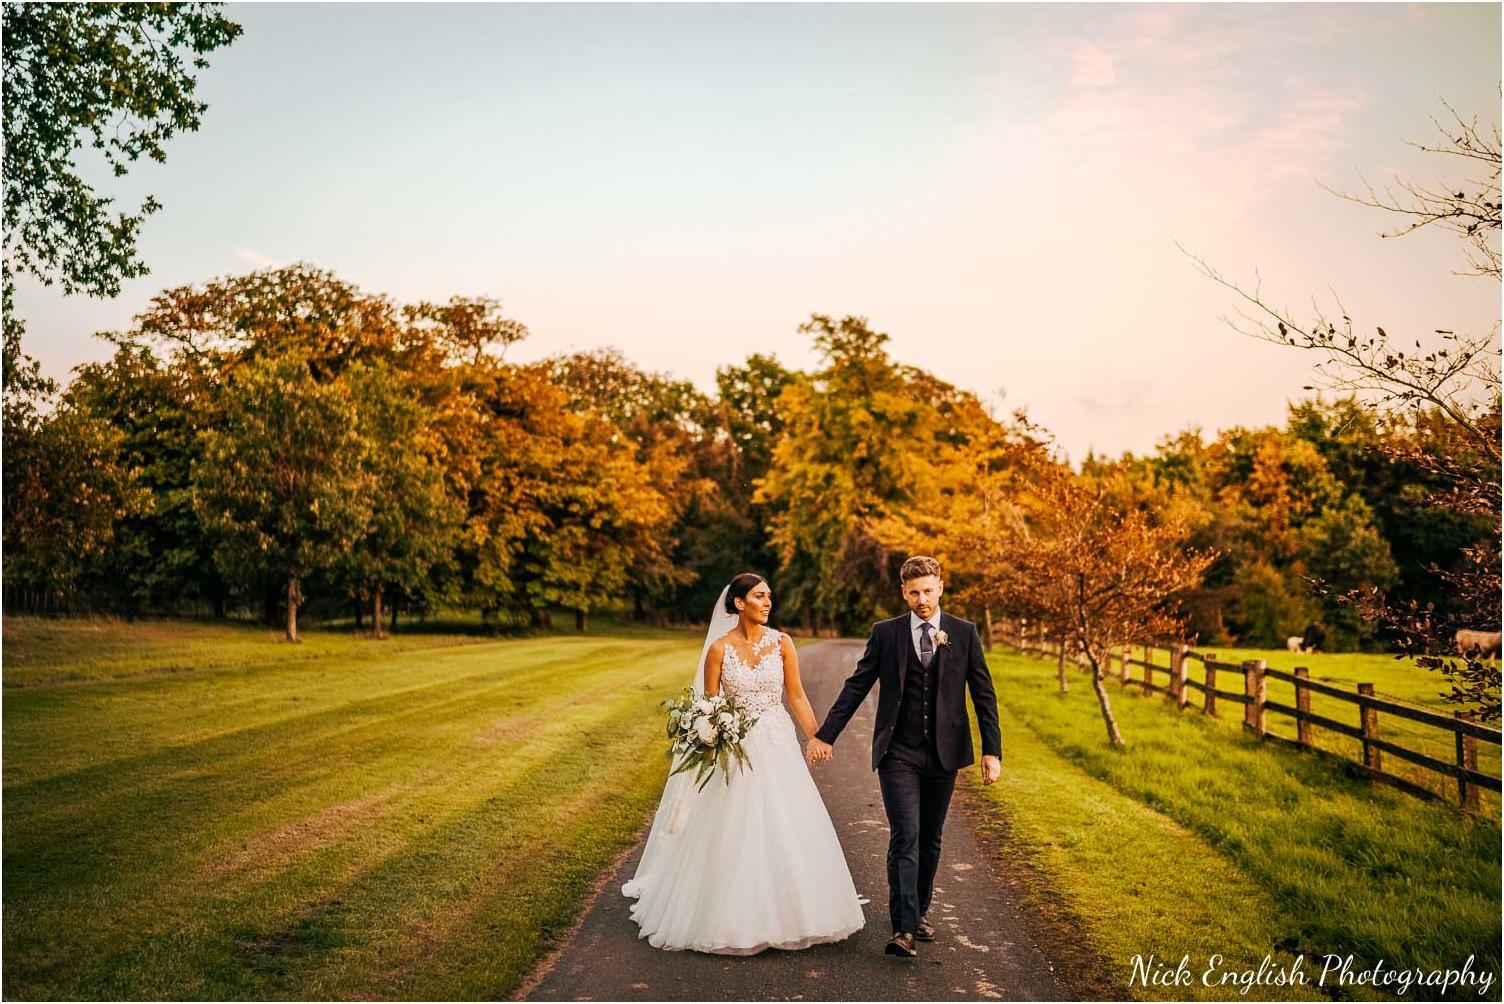 Browsholme_Hall_Barn_Wedding_Nick_English_Photography-184.jpg